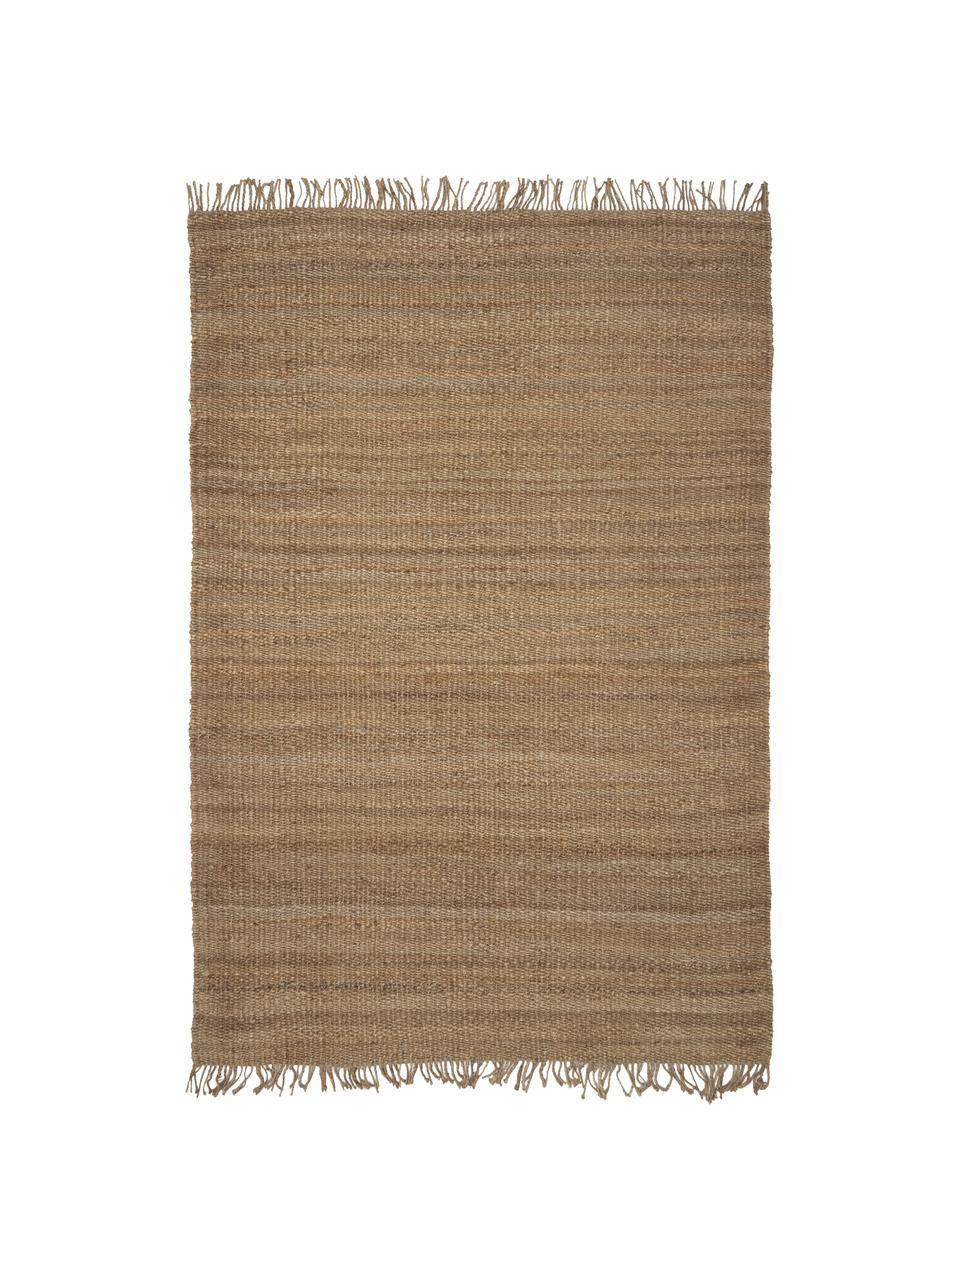 Tappeto in juta fatto a mano con frange Naturals, 100% juta, Juta, Larg. 200 x Lung. 300 cm (taglia L)